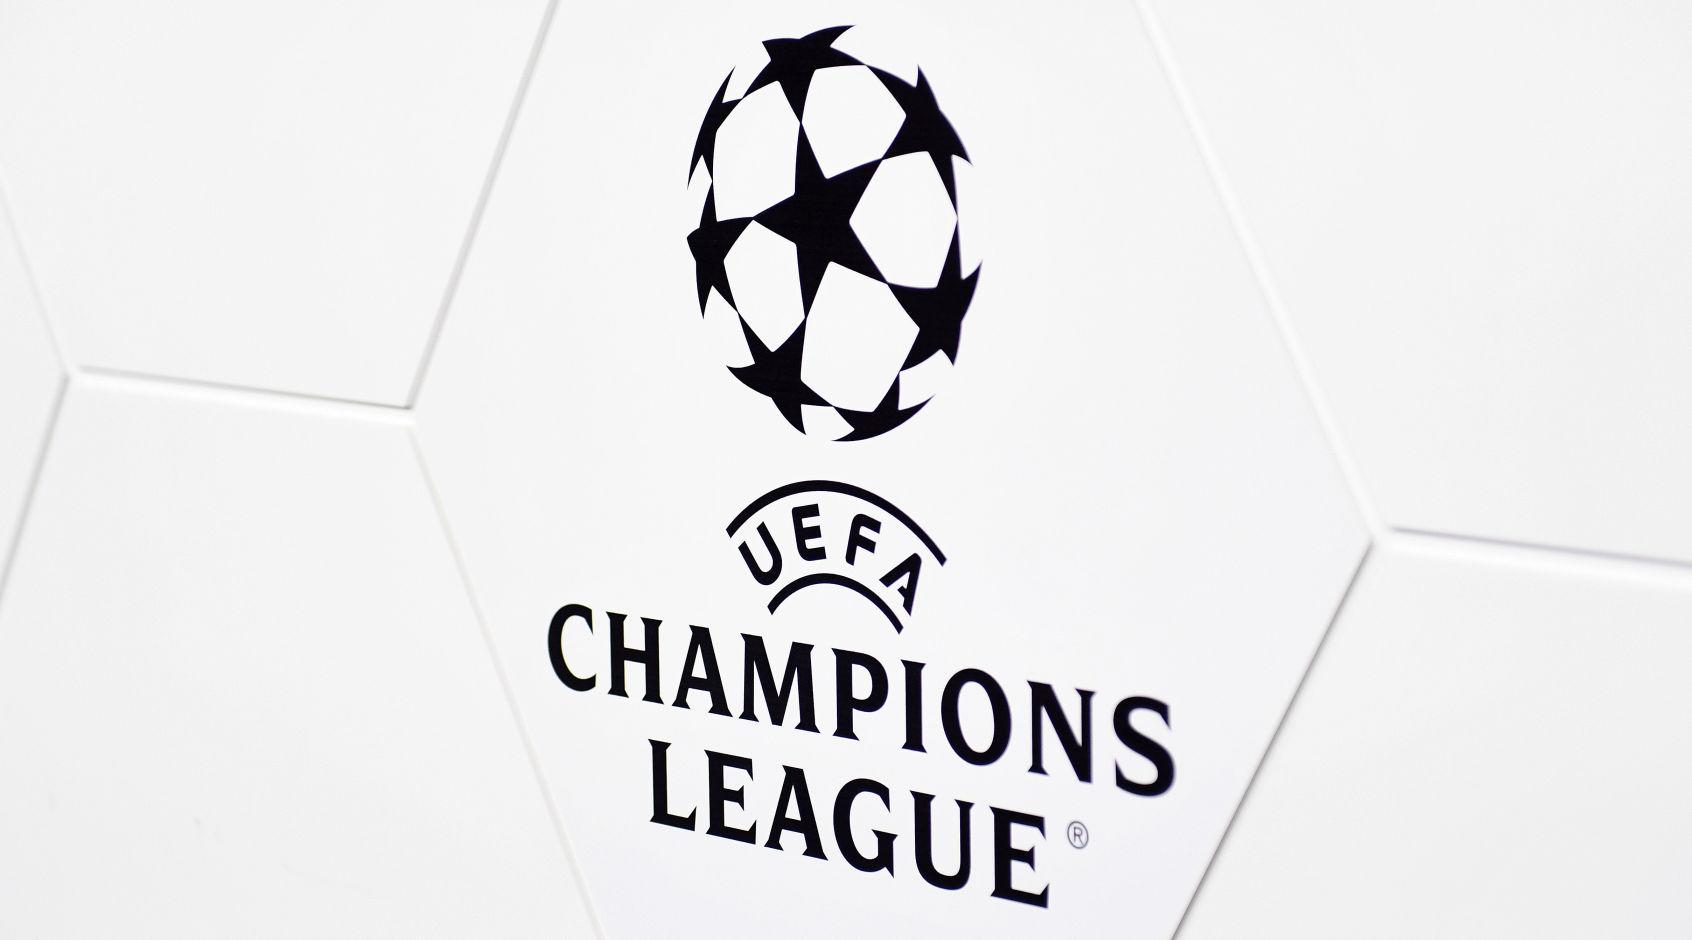 Состоялась жеребьевка третьего квалификационного раунда Лиги чемпионов